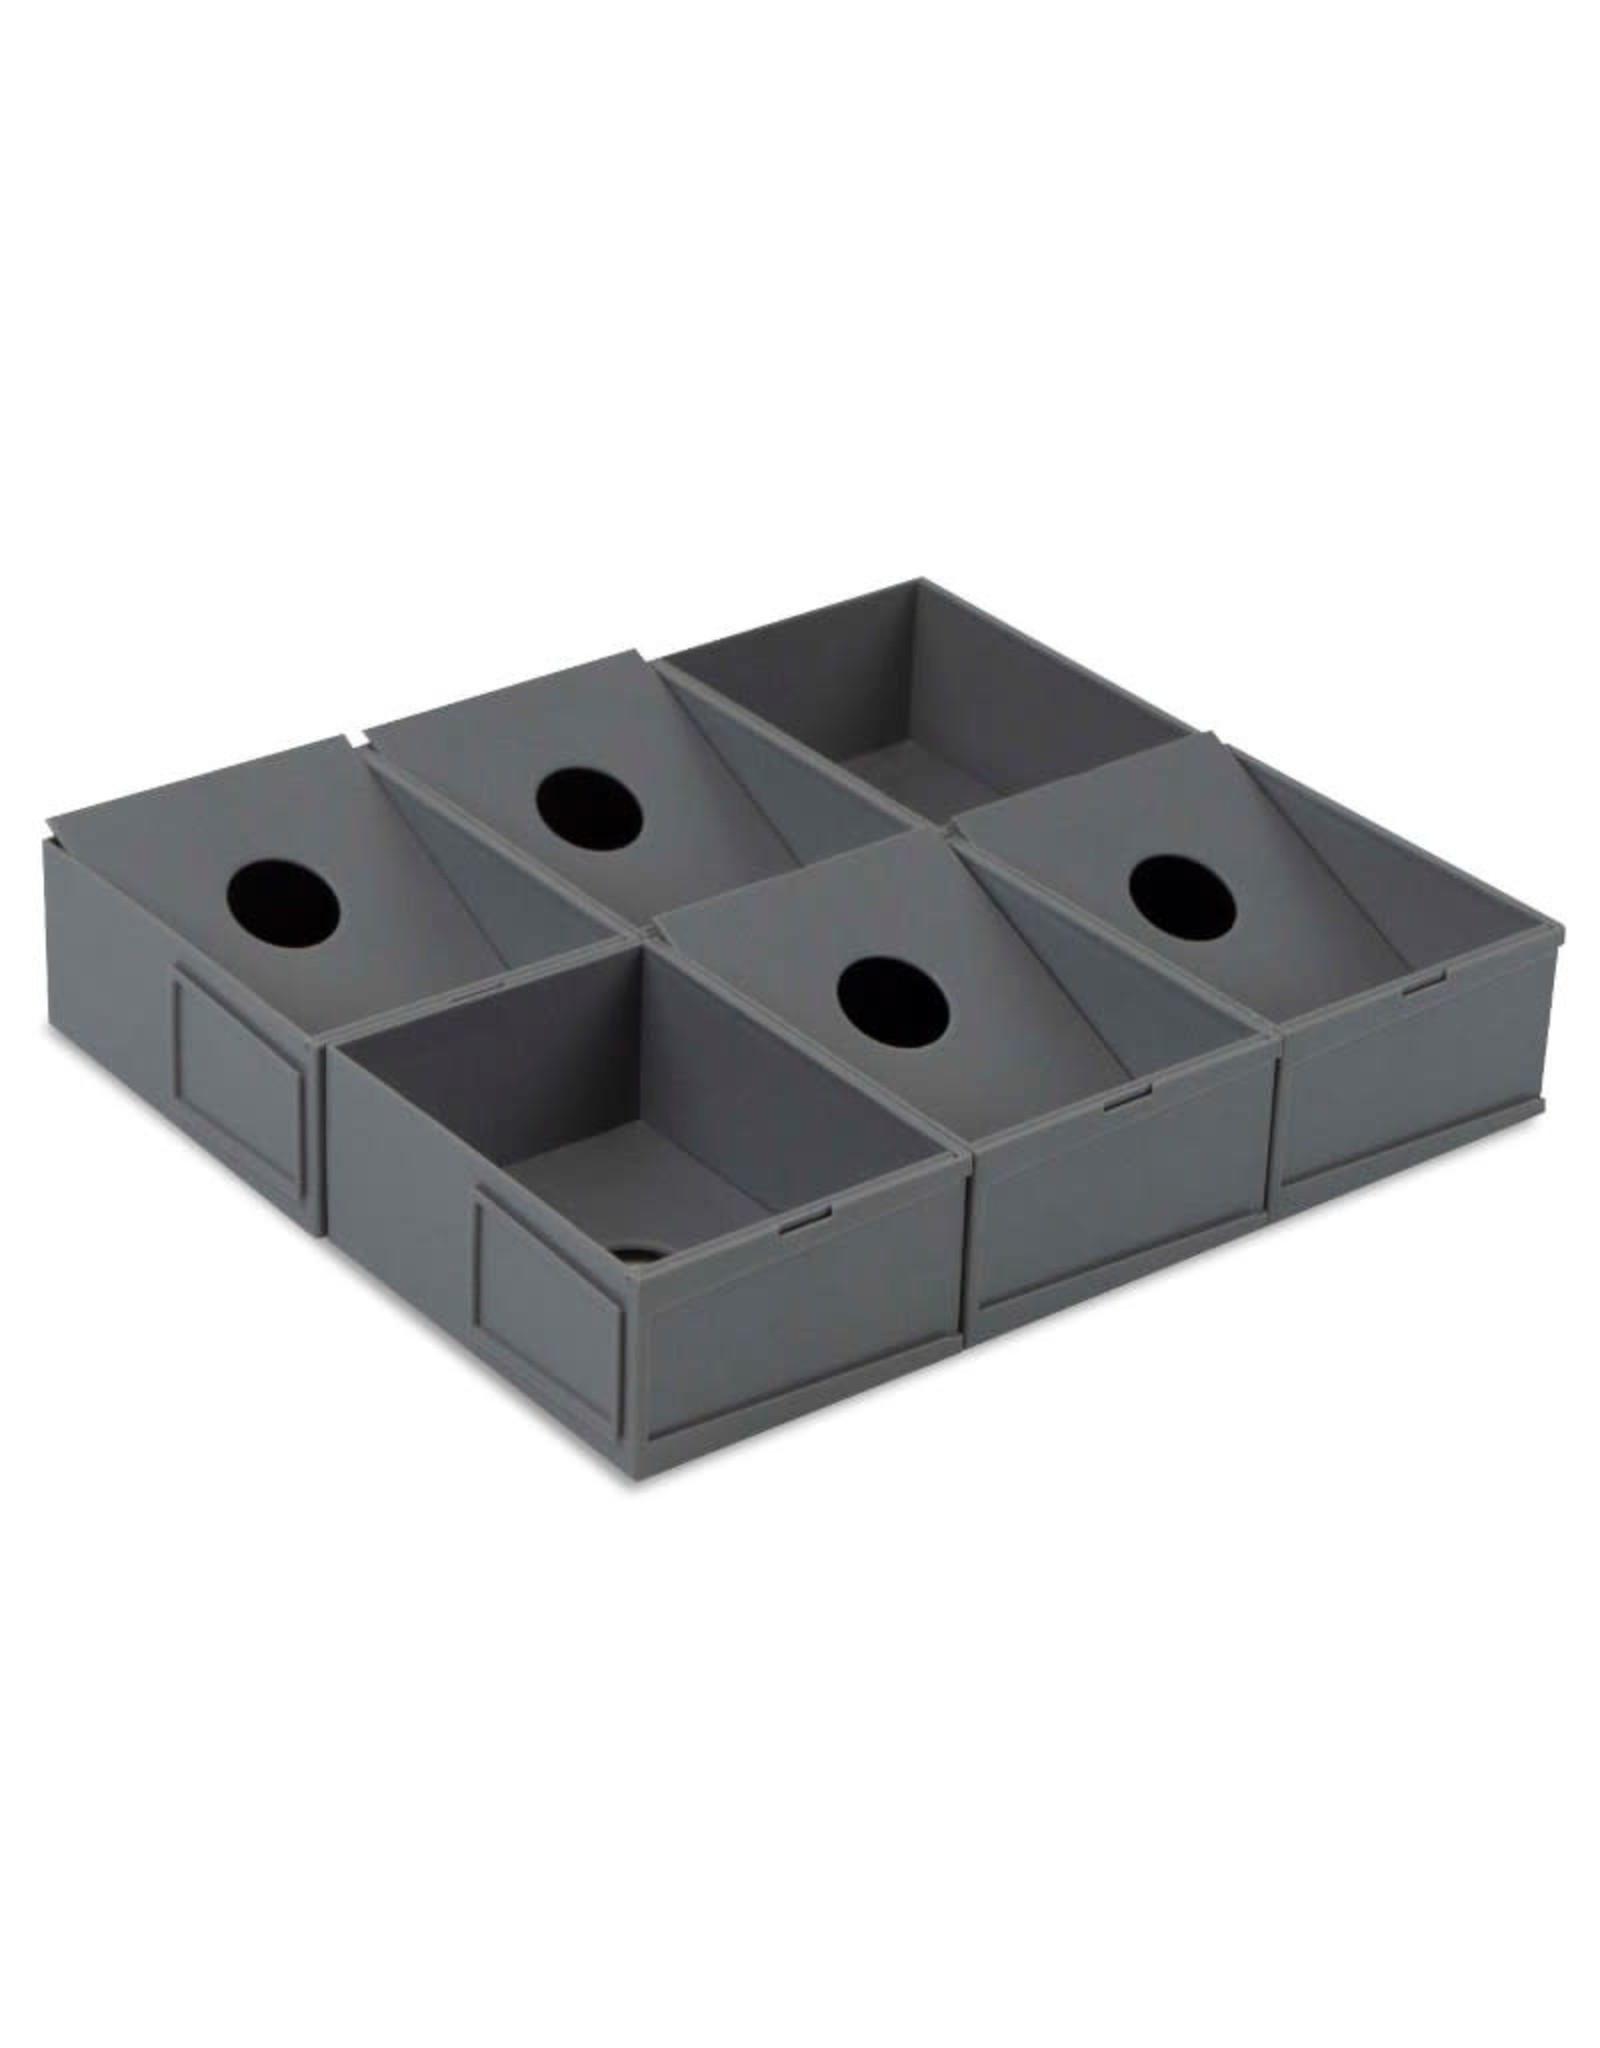 BCW Modular Sorting Tray